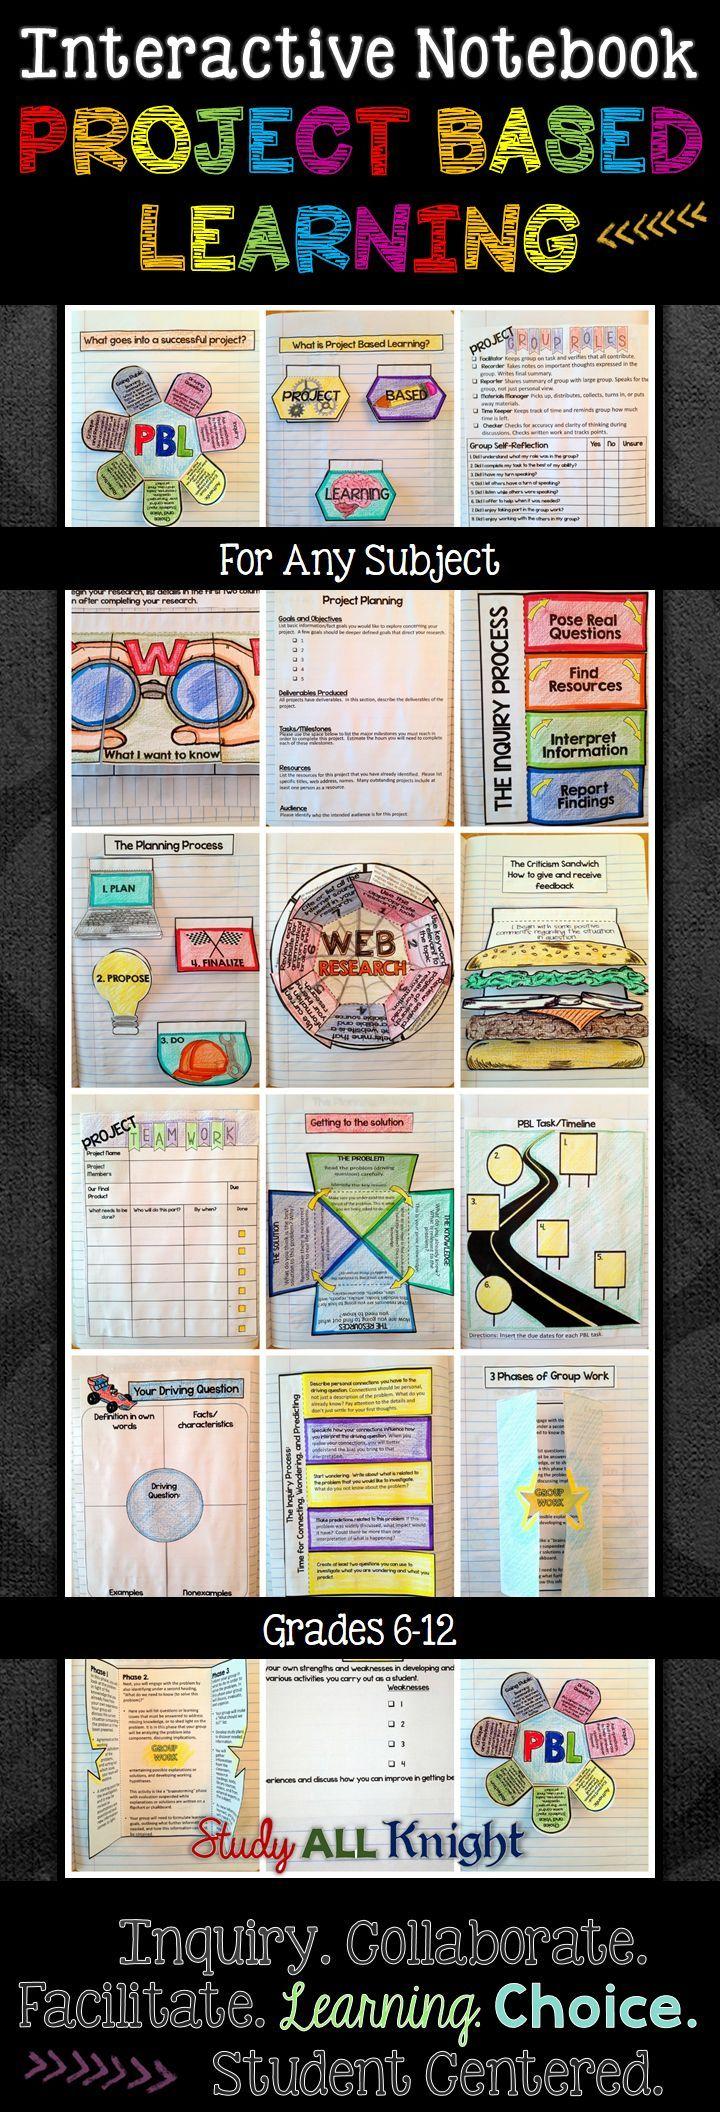 Aprendizaje basado en proyectos y cuadernos interactivos